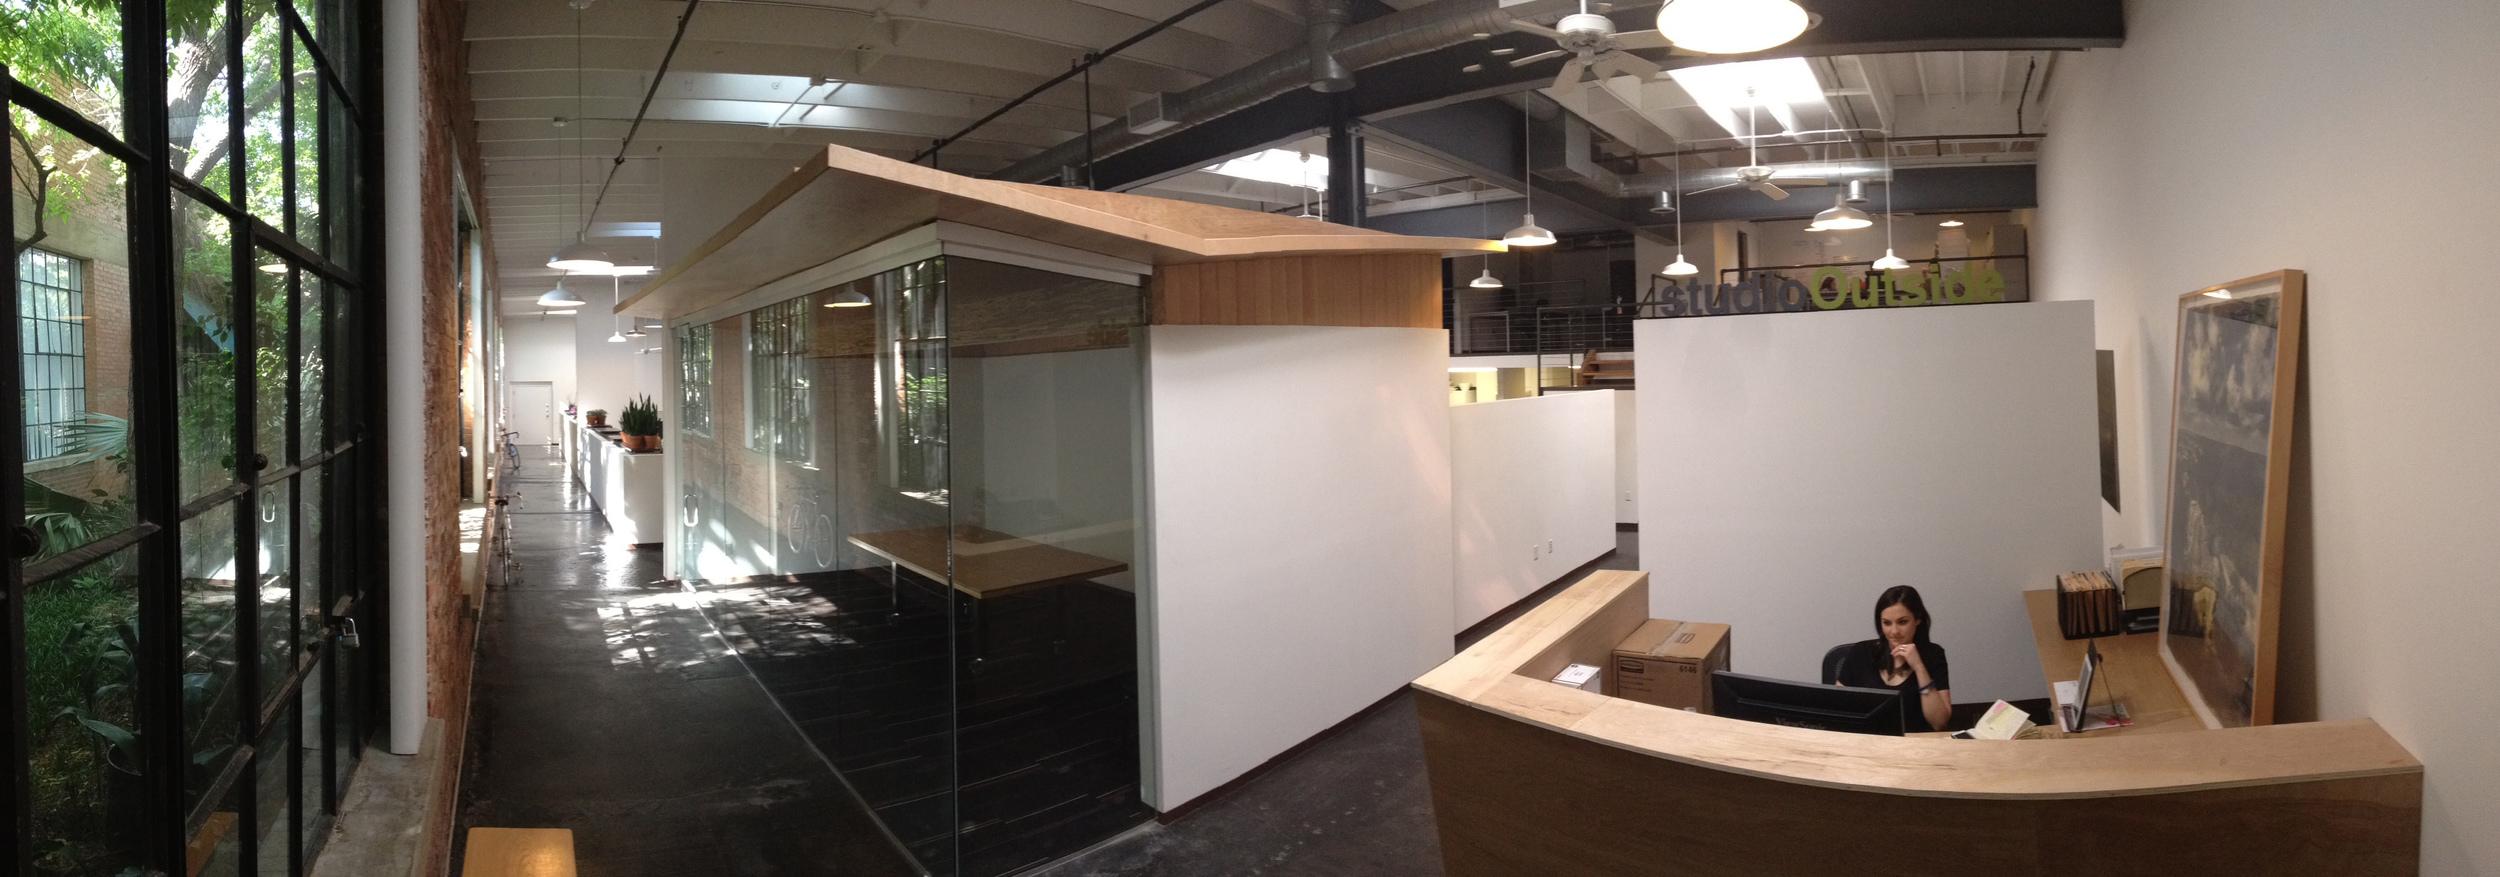 studio-outside-office-renovation